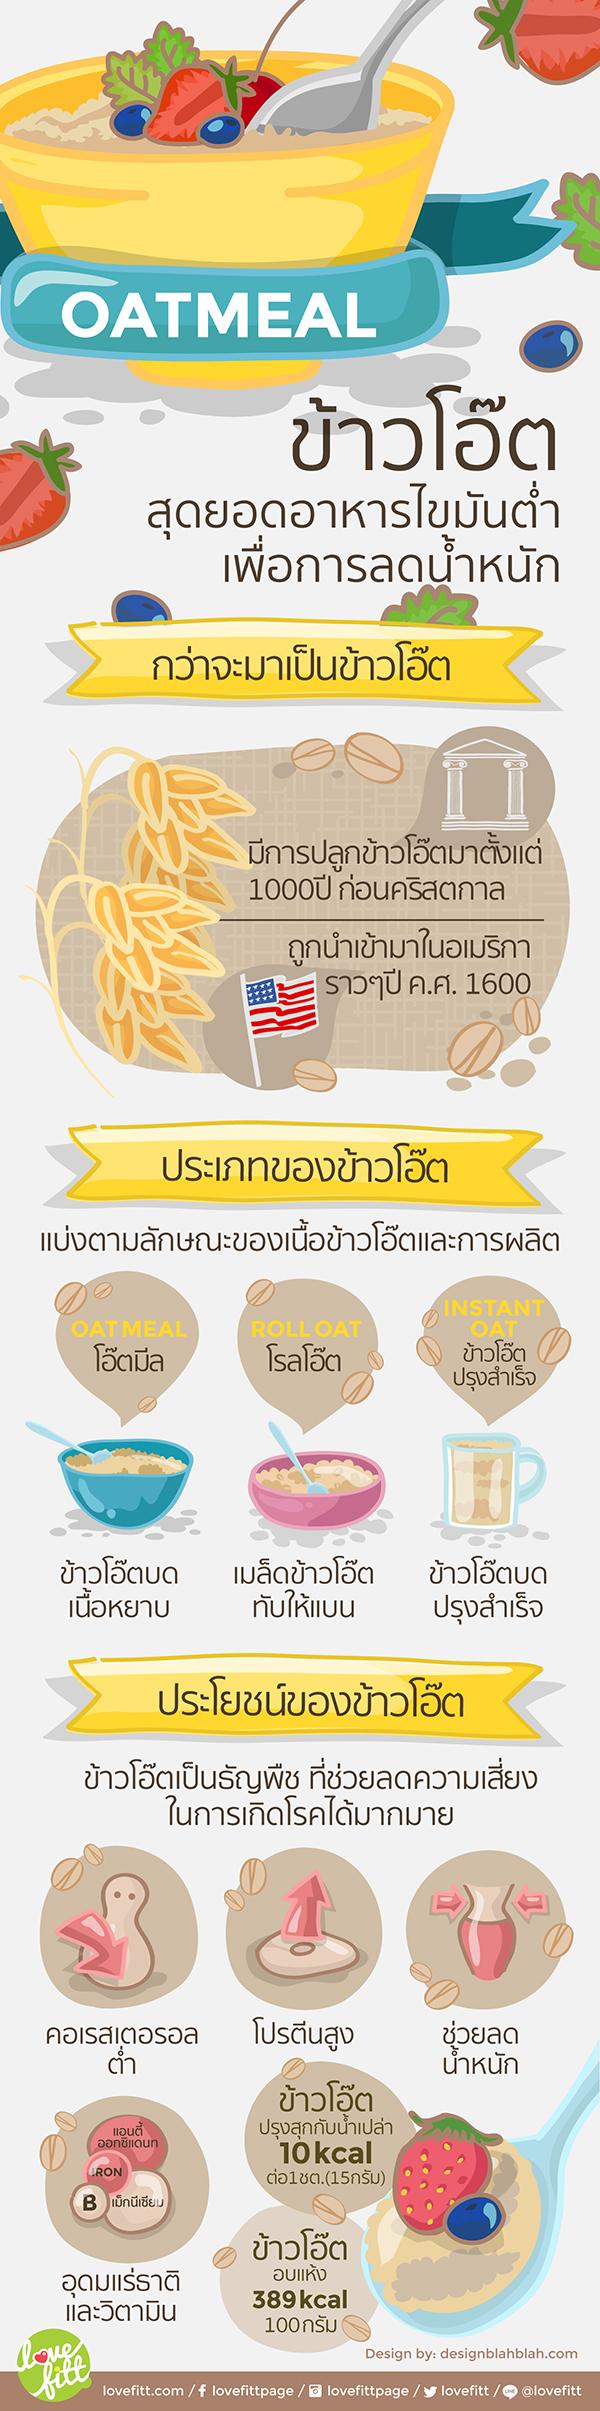 ข้าวโอ๊ต สุดยอดอาหารไขมันต่ำเพื่อการลดน้ำหนัก